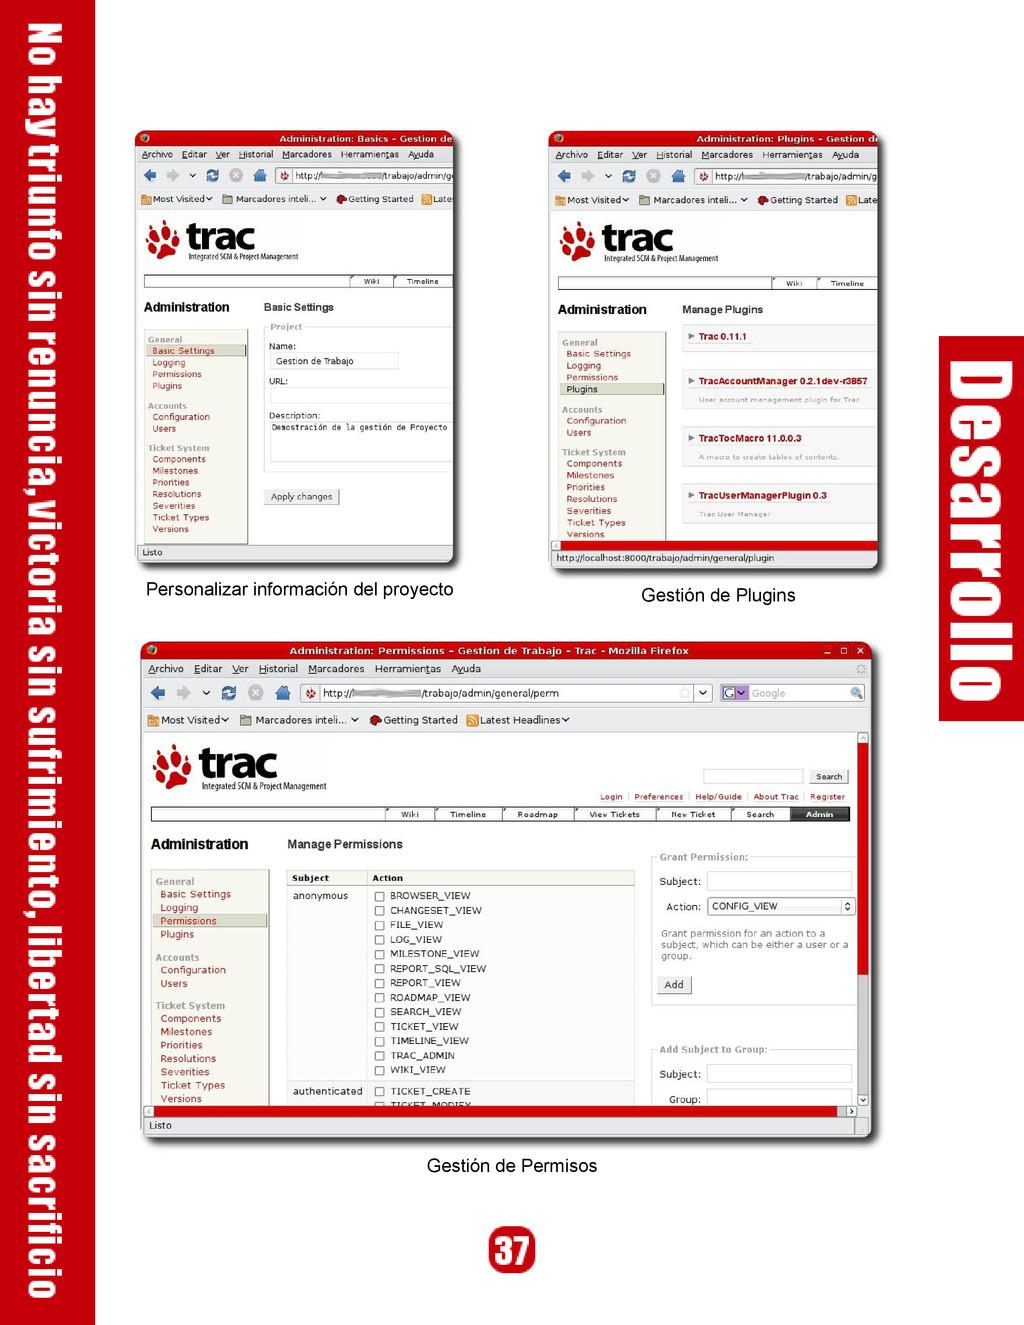 Personalizar información del proyecto Gestión d...